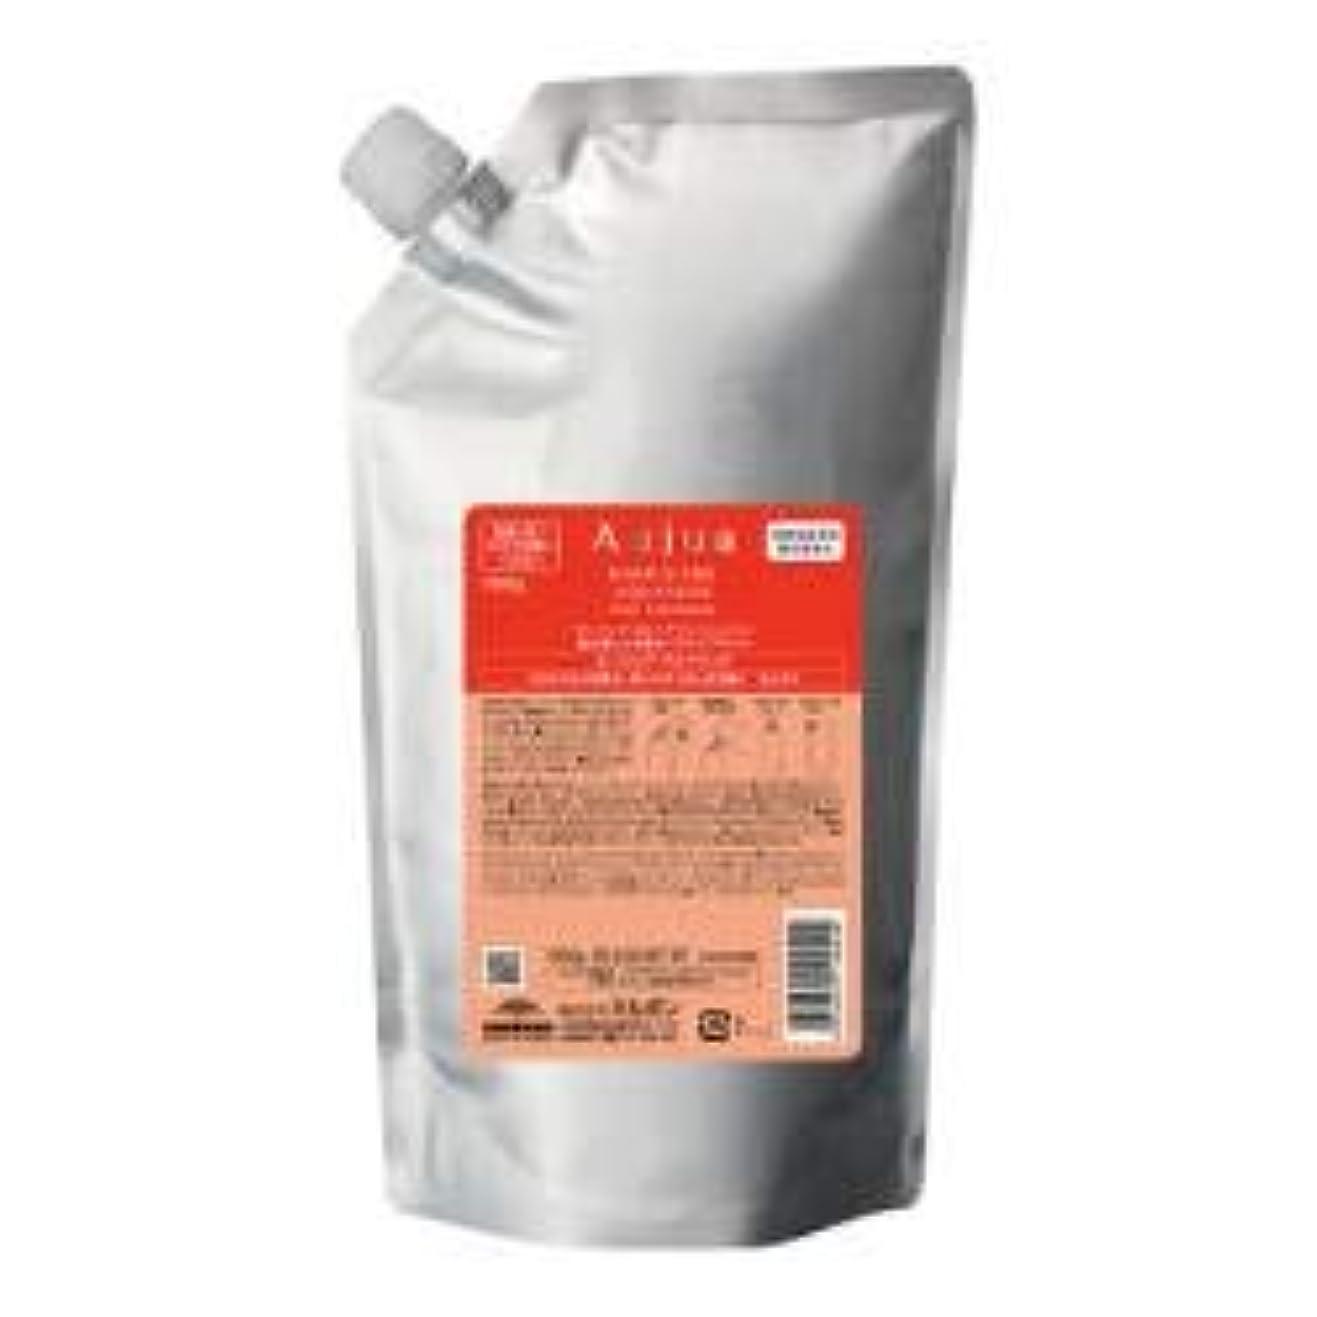 不満ストレージアーサーコナンドイルオージュア AQ アクアヴィア ヘアトリートメント (1kg)